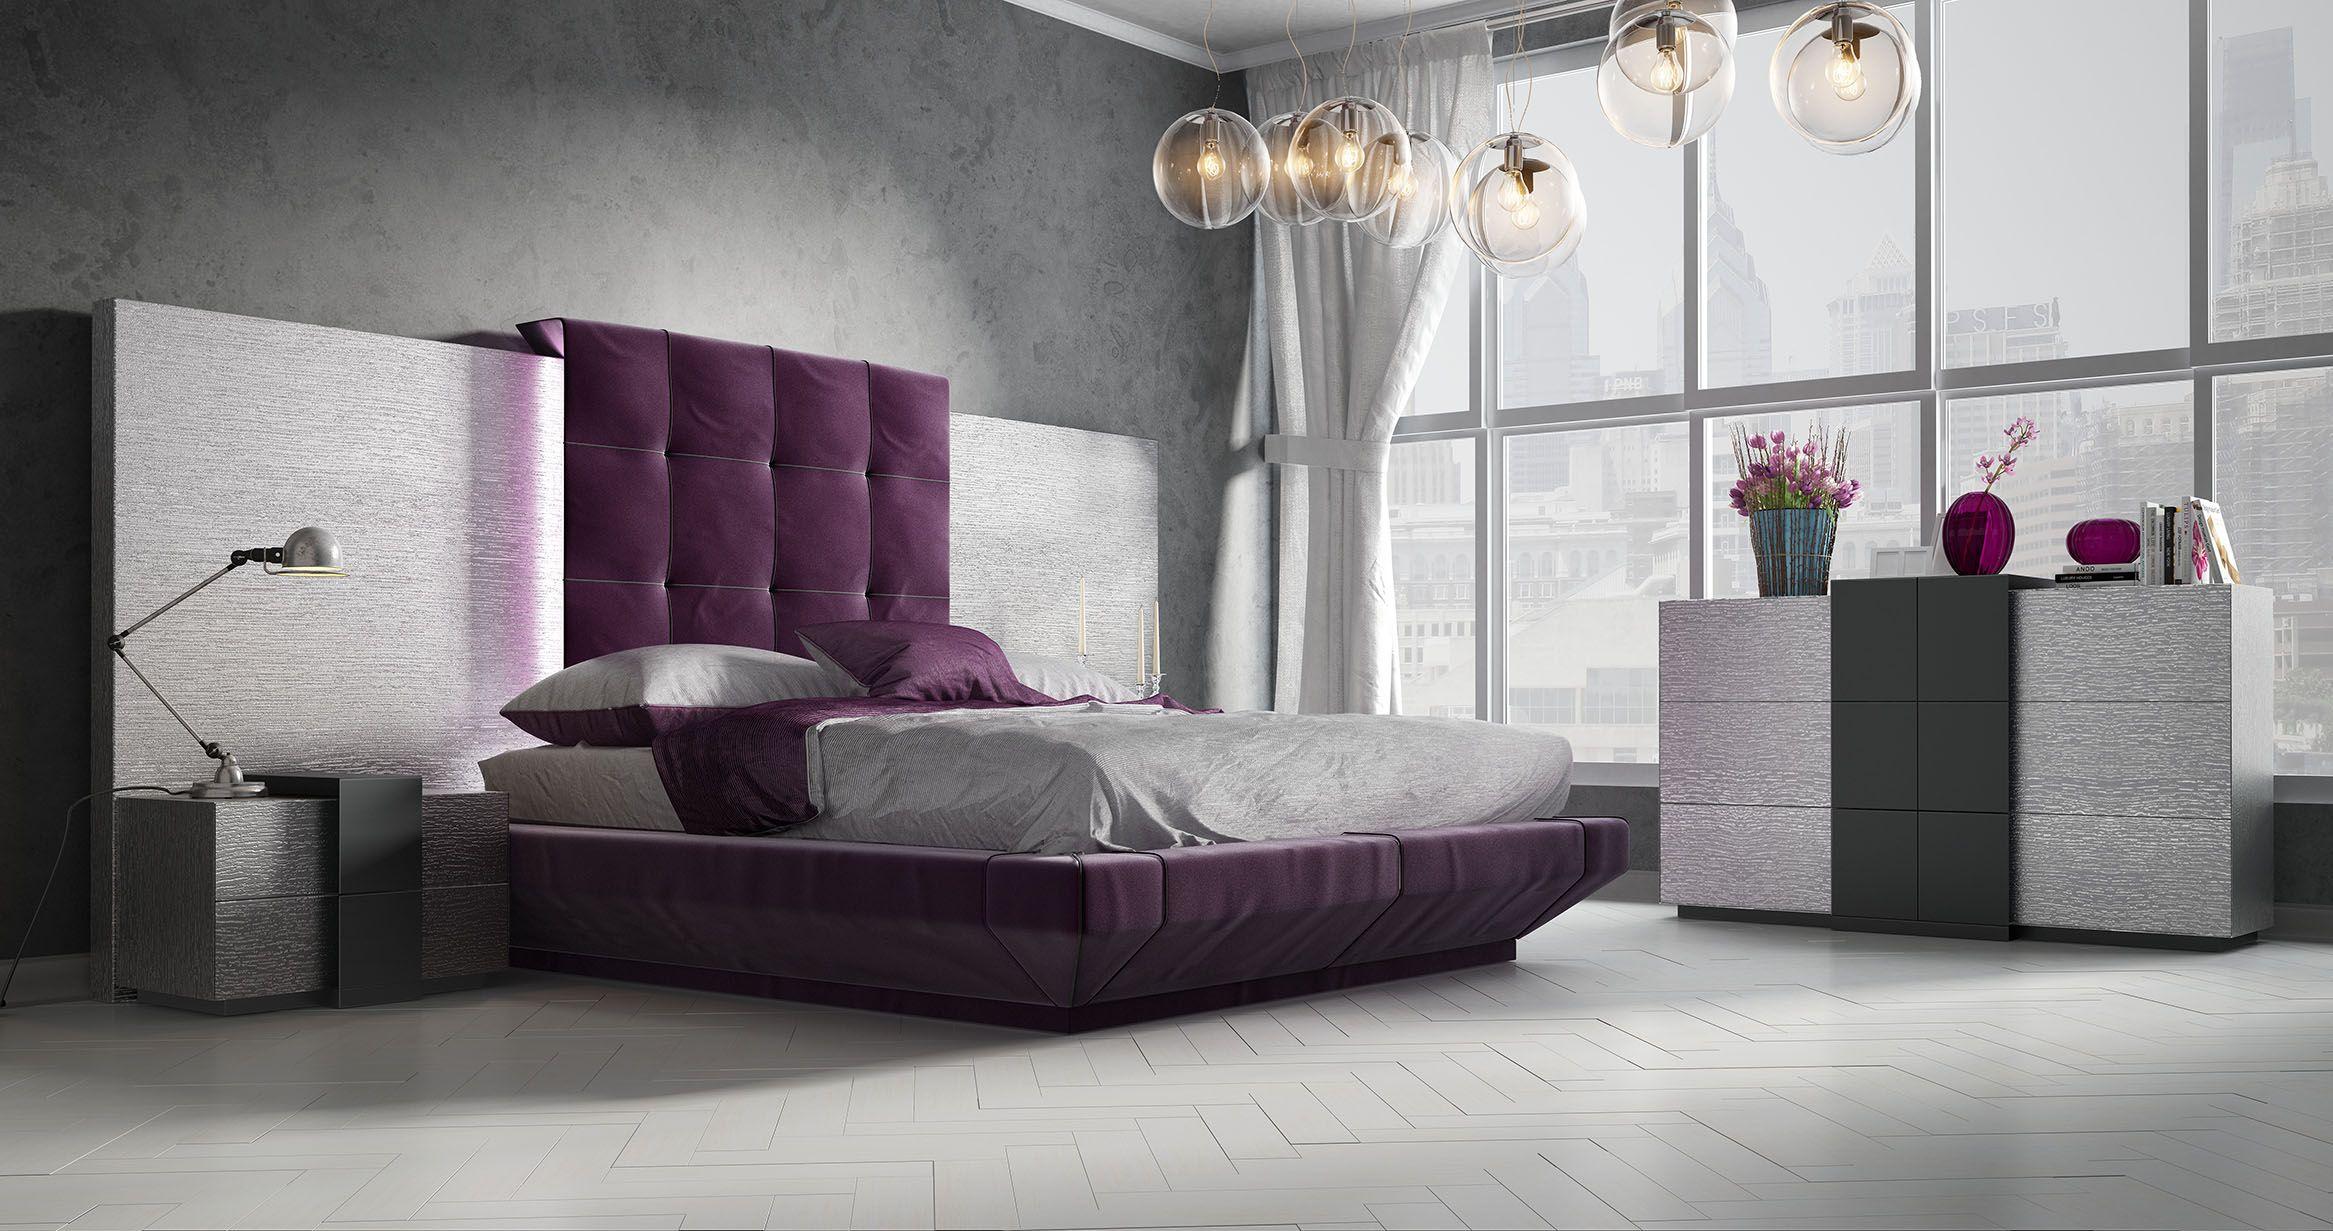 Catalogo de Dormitorios | Muebles de Salón y Dormitorio. | a ...